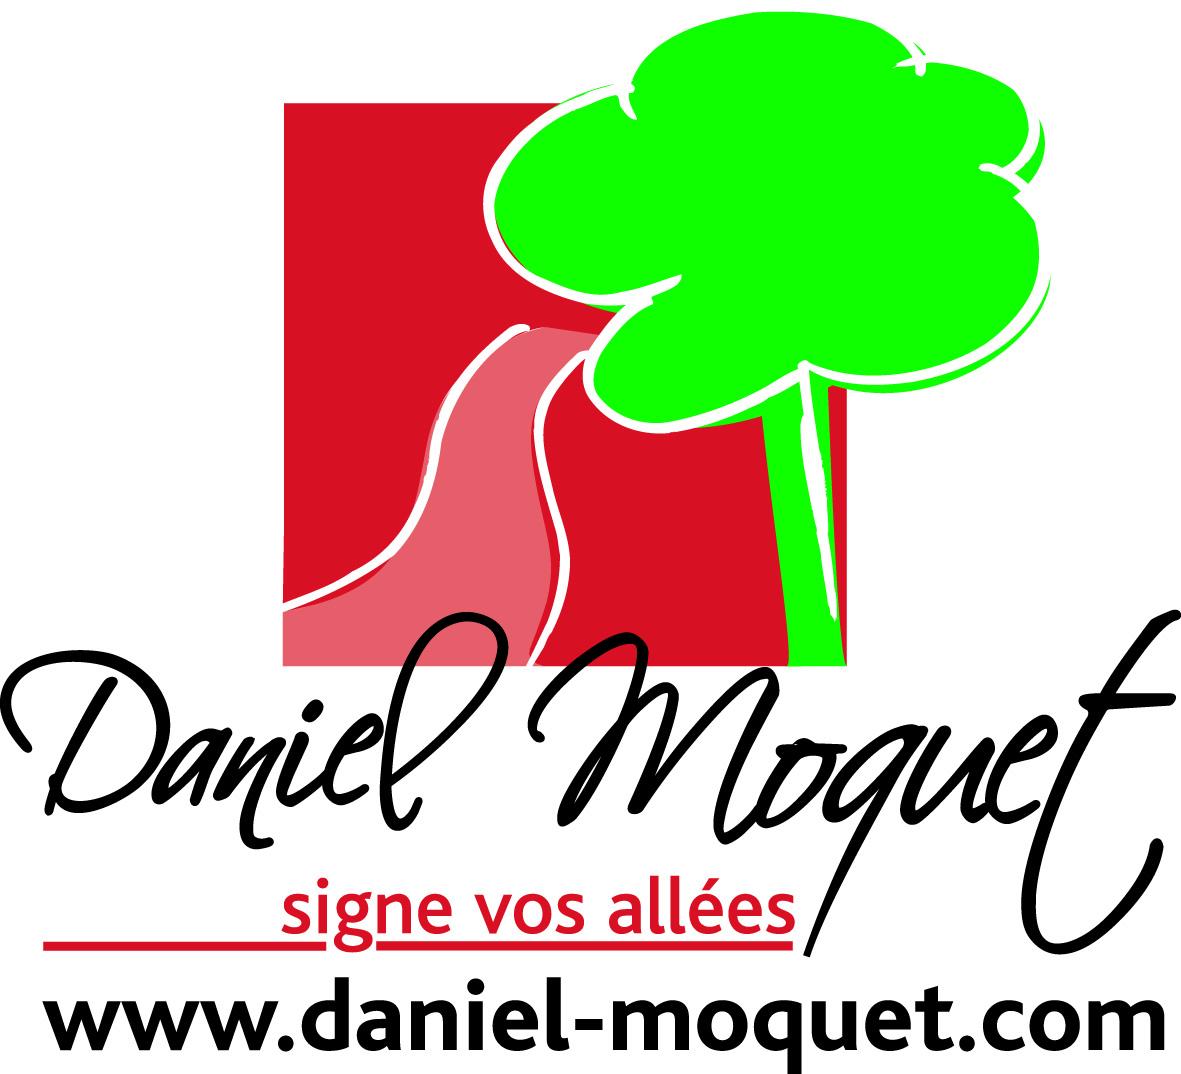 Daniel Moquet signe vos allées - Ent. Talon